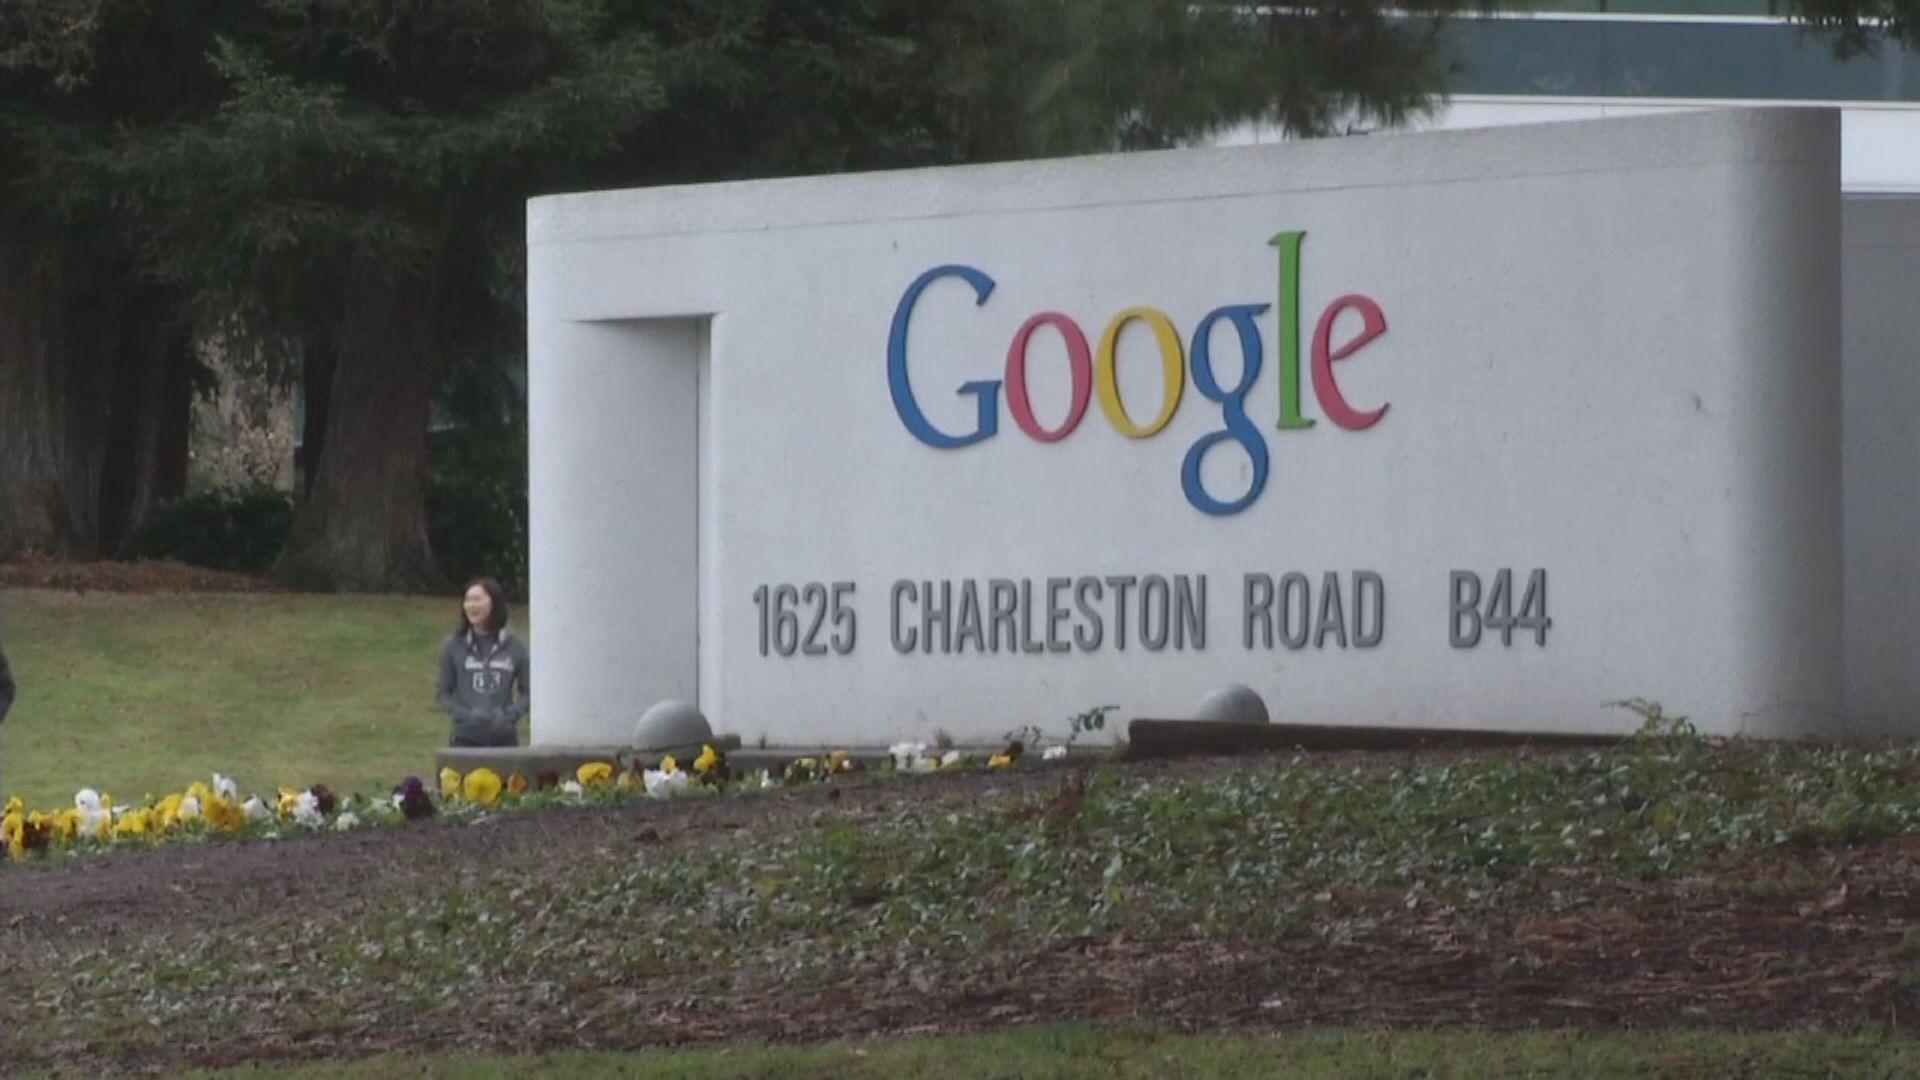 被美控反壟斷 Google:公眾是主動選用公司產品